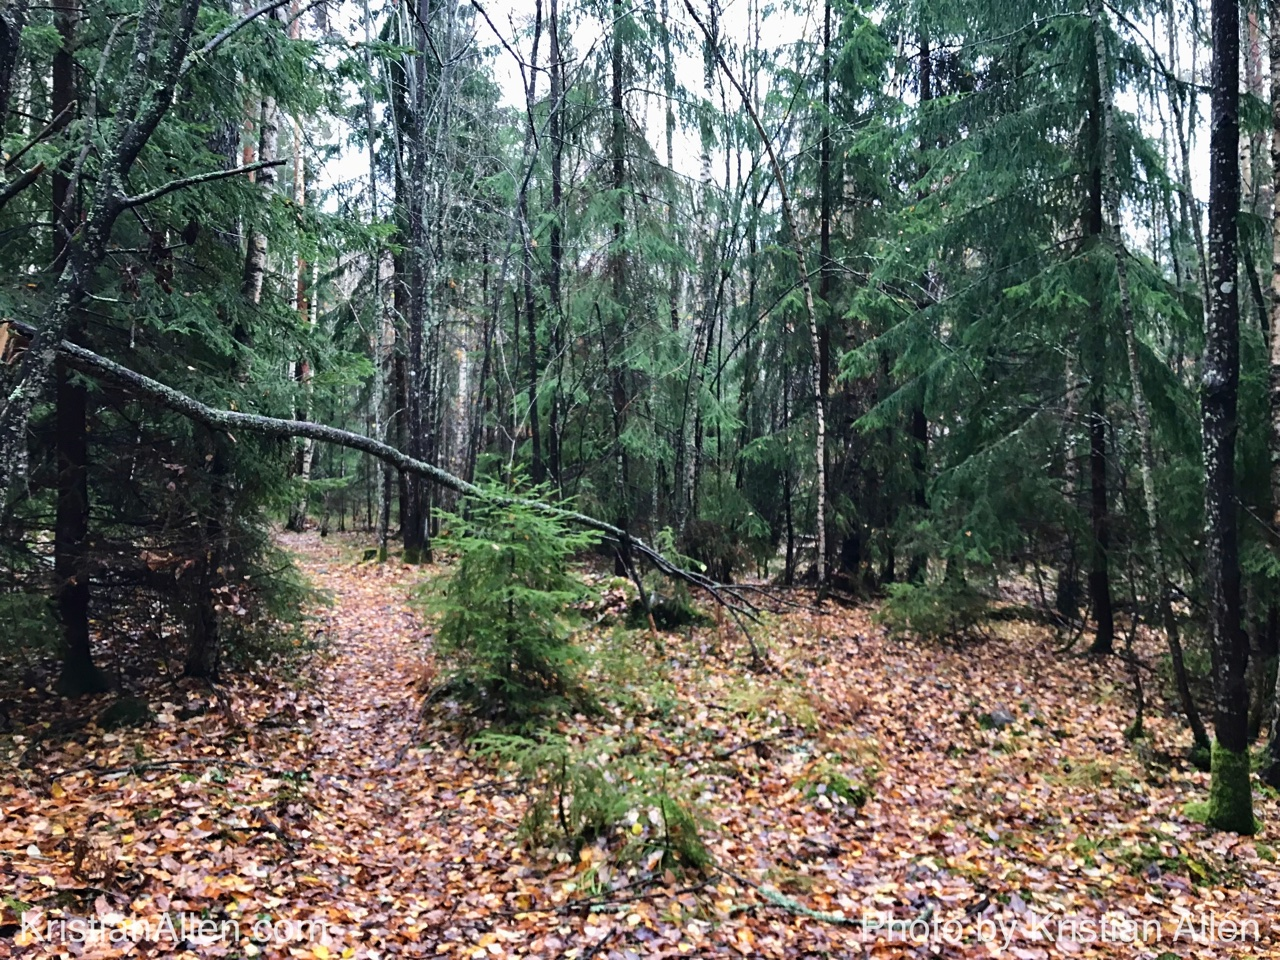 29.10.2017 10.12 km Sunday Run